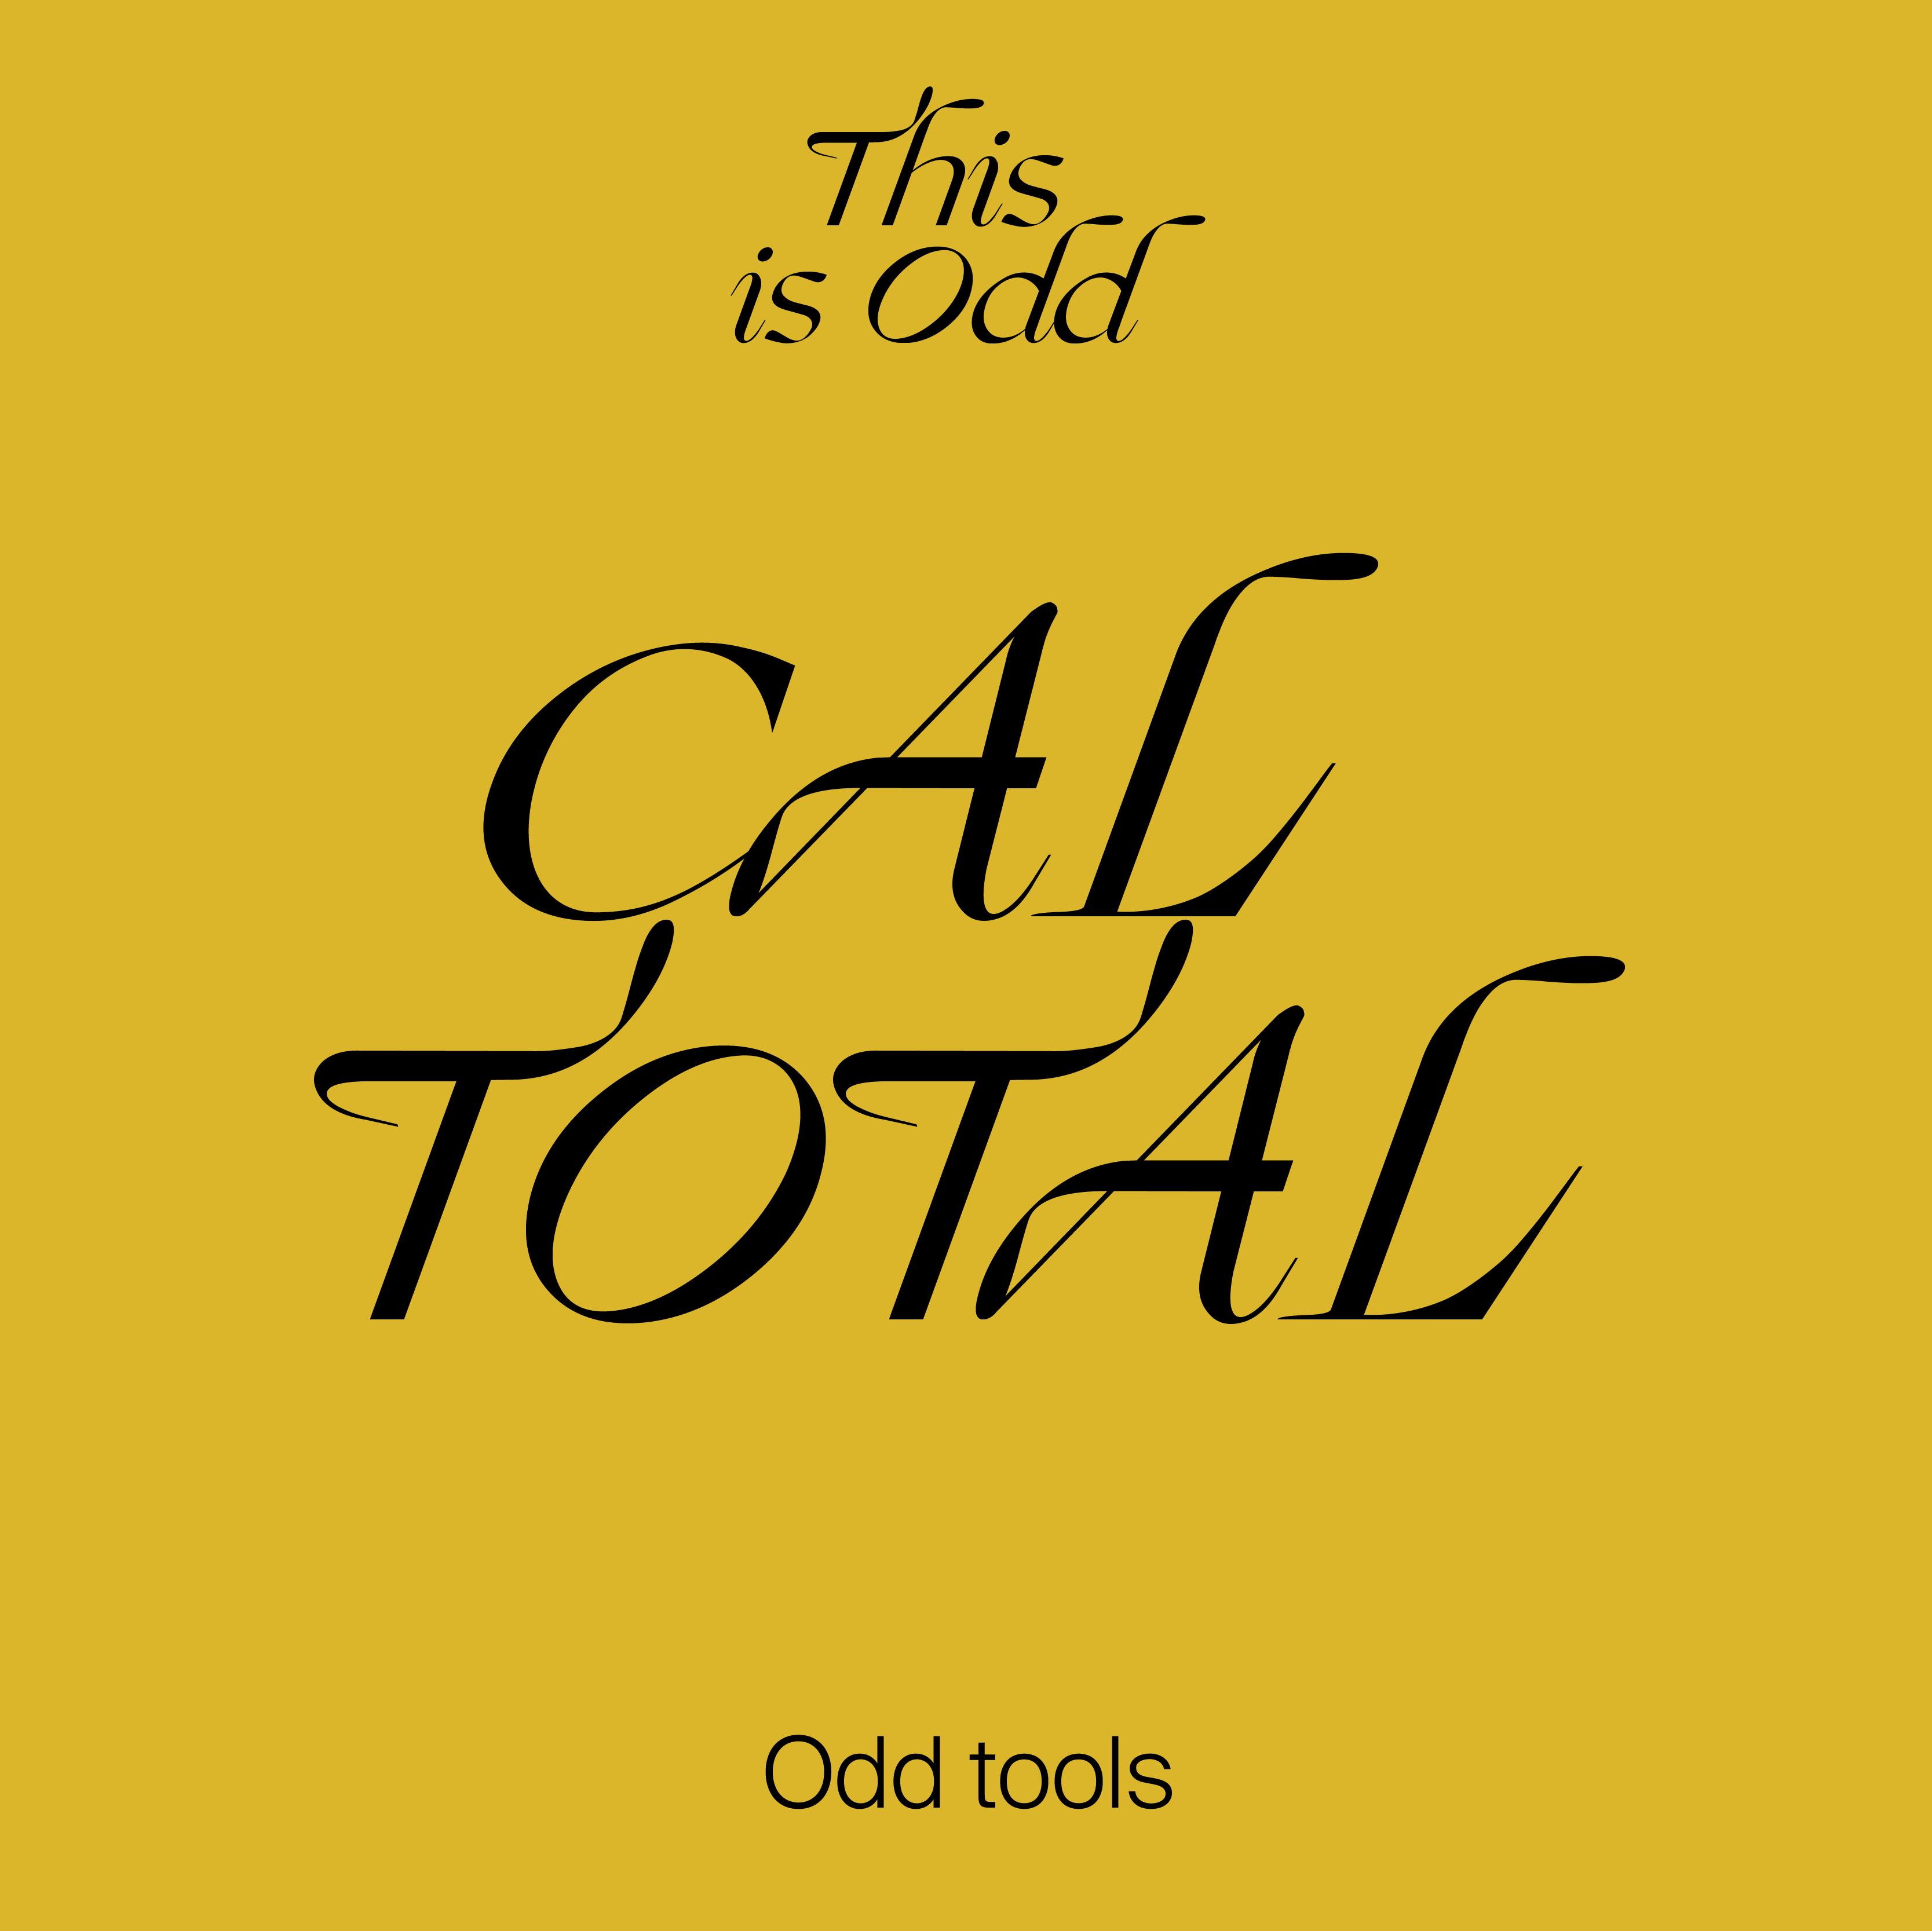 15 tools_ cal total-33